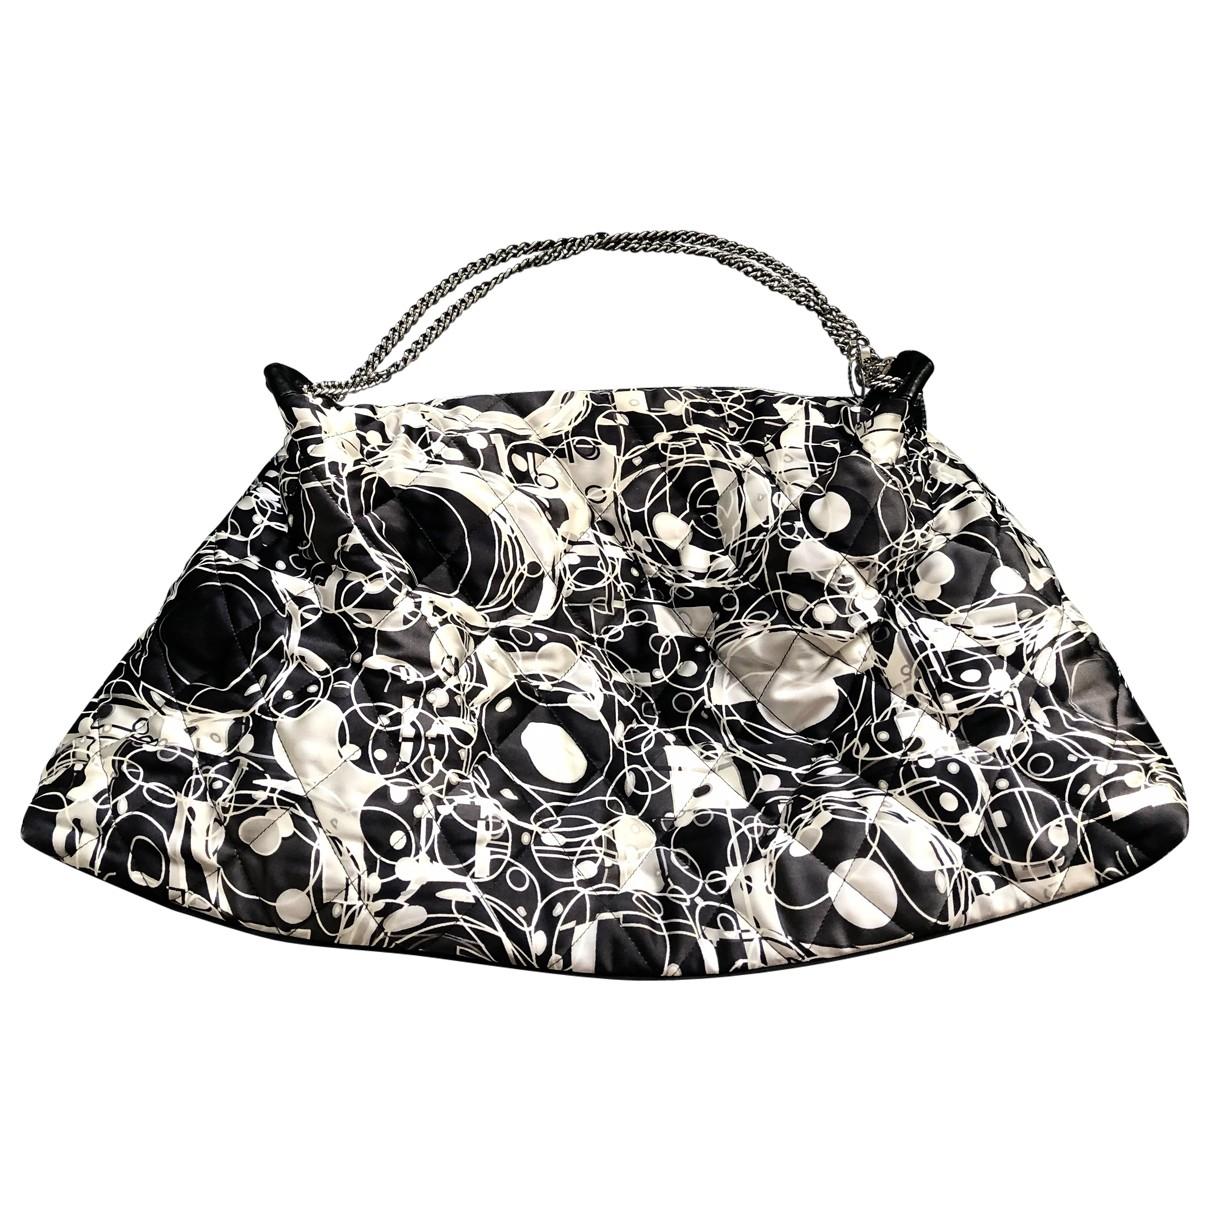 Chanel Coco Cabas Handtasche in  Bunt Seide